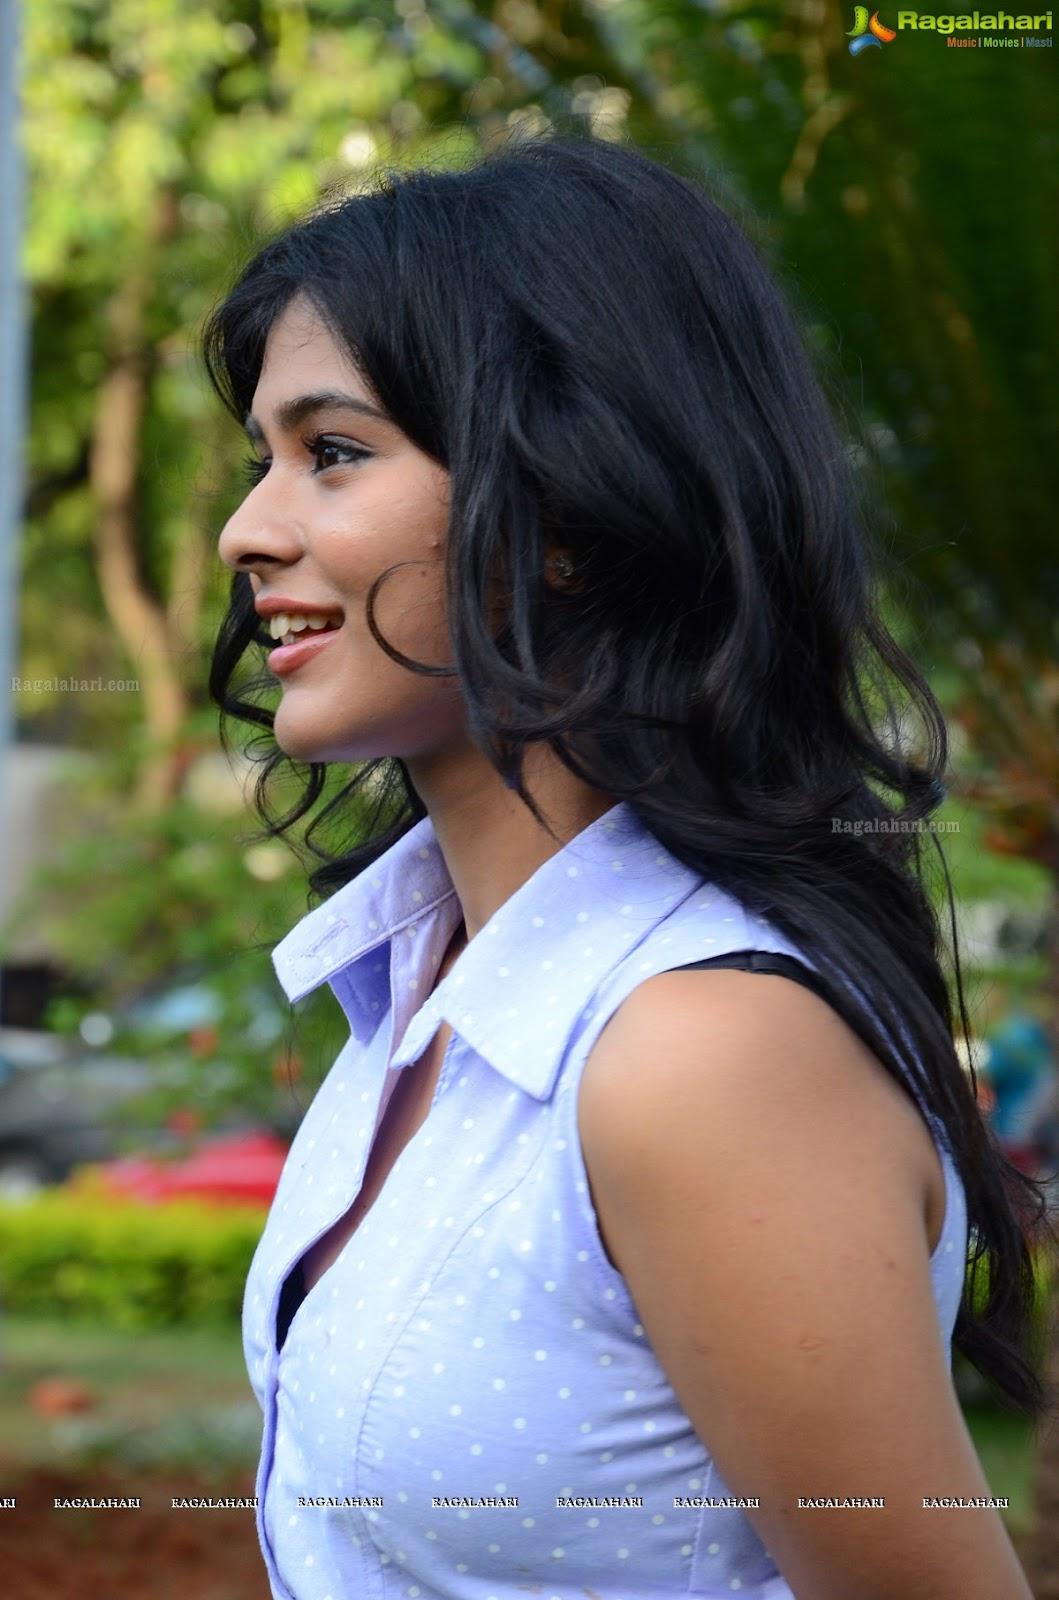 Hebah patel images 2 - Hebah Patel Images 2 52